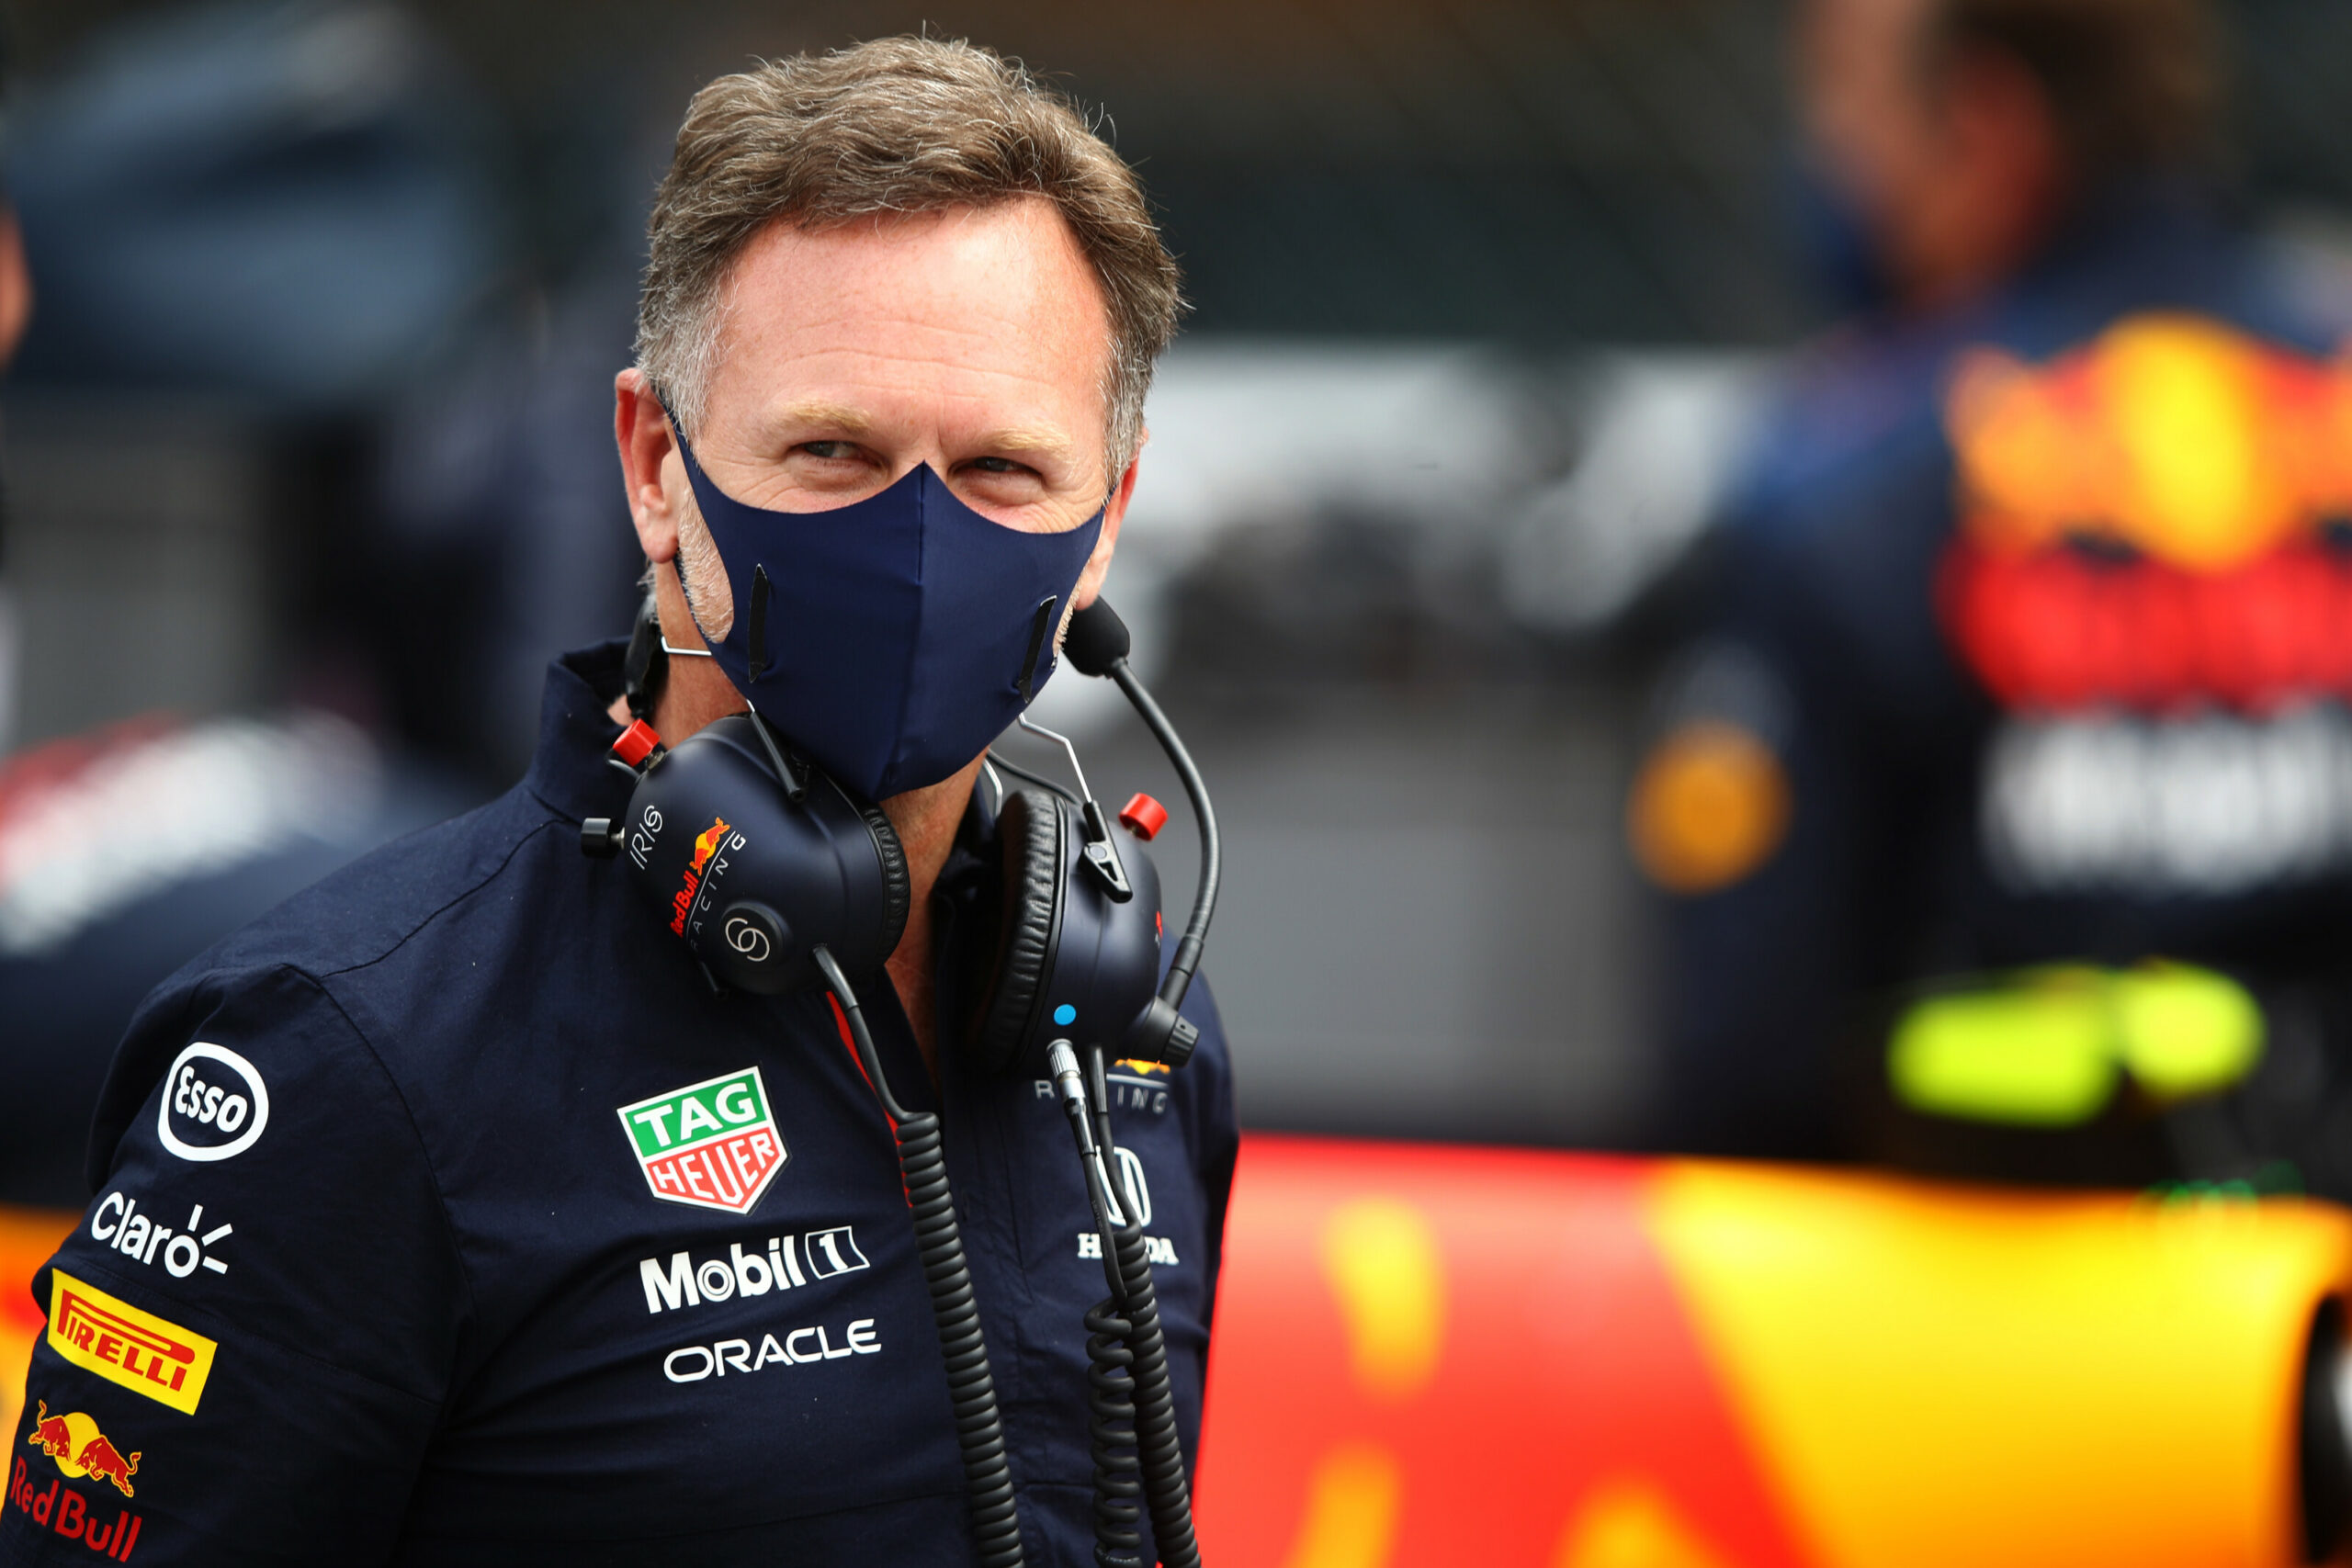 F1 - Officiel : Red Bull demande un réexamen de l'incident Verstappen-Hamilton